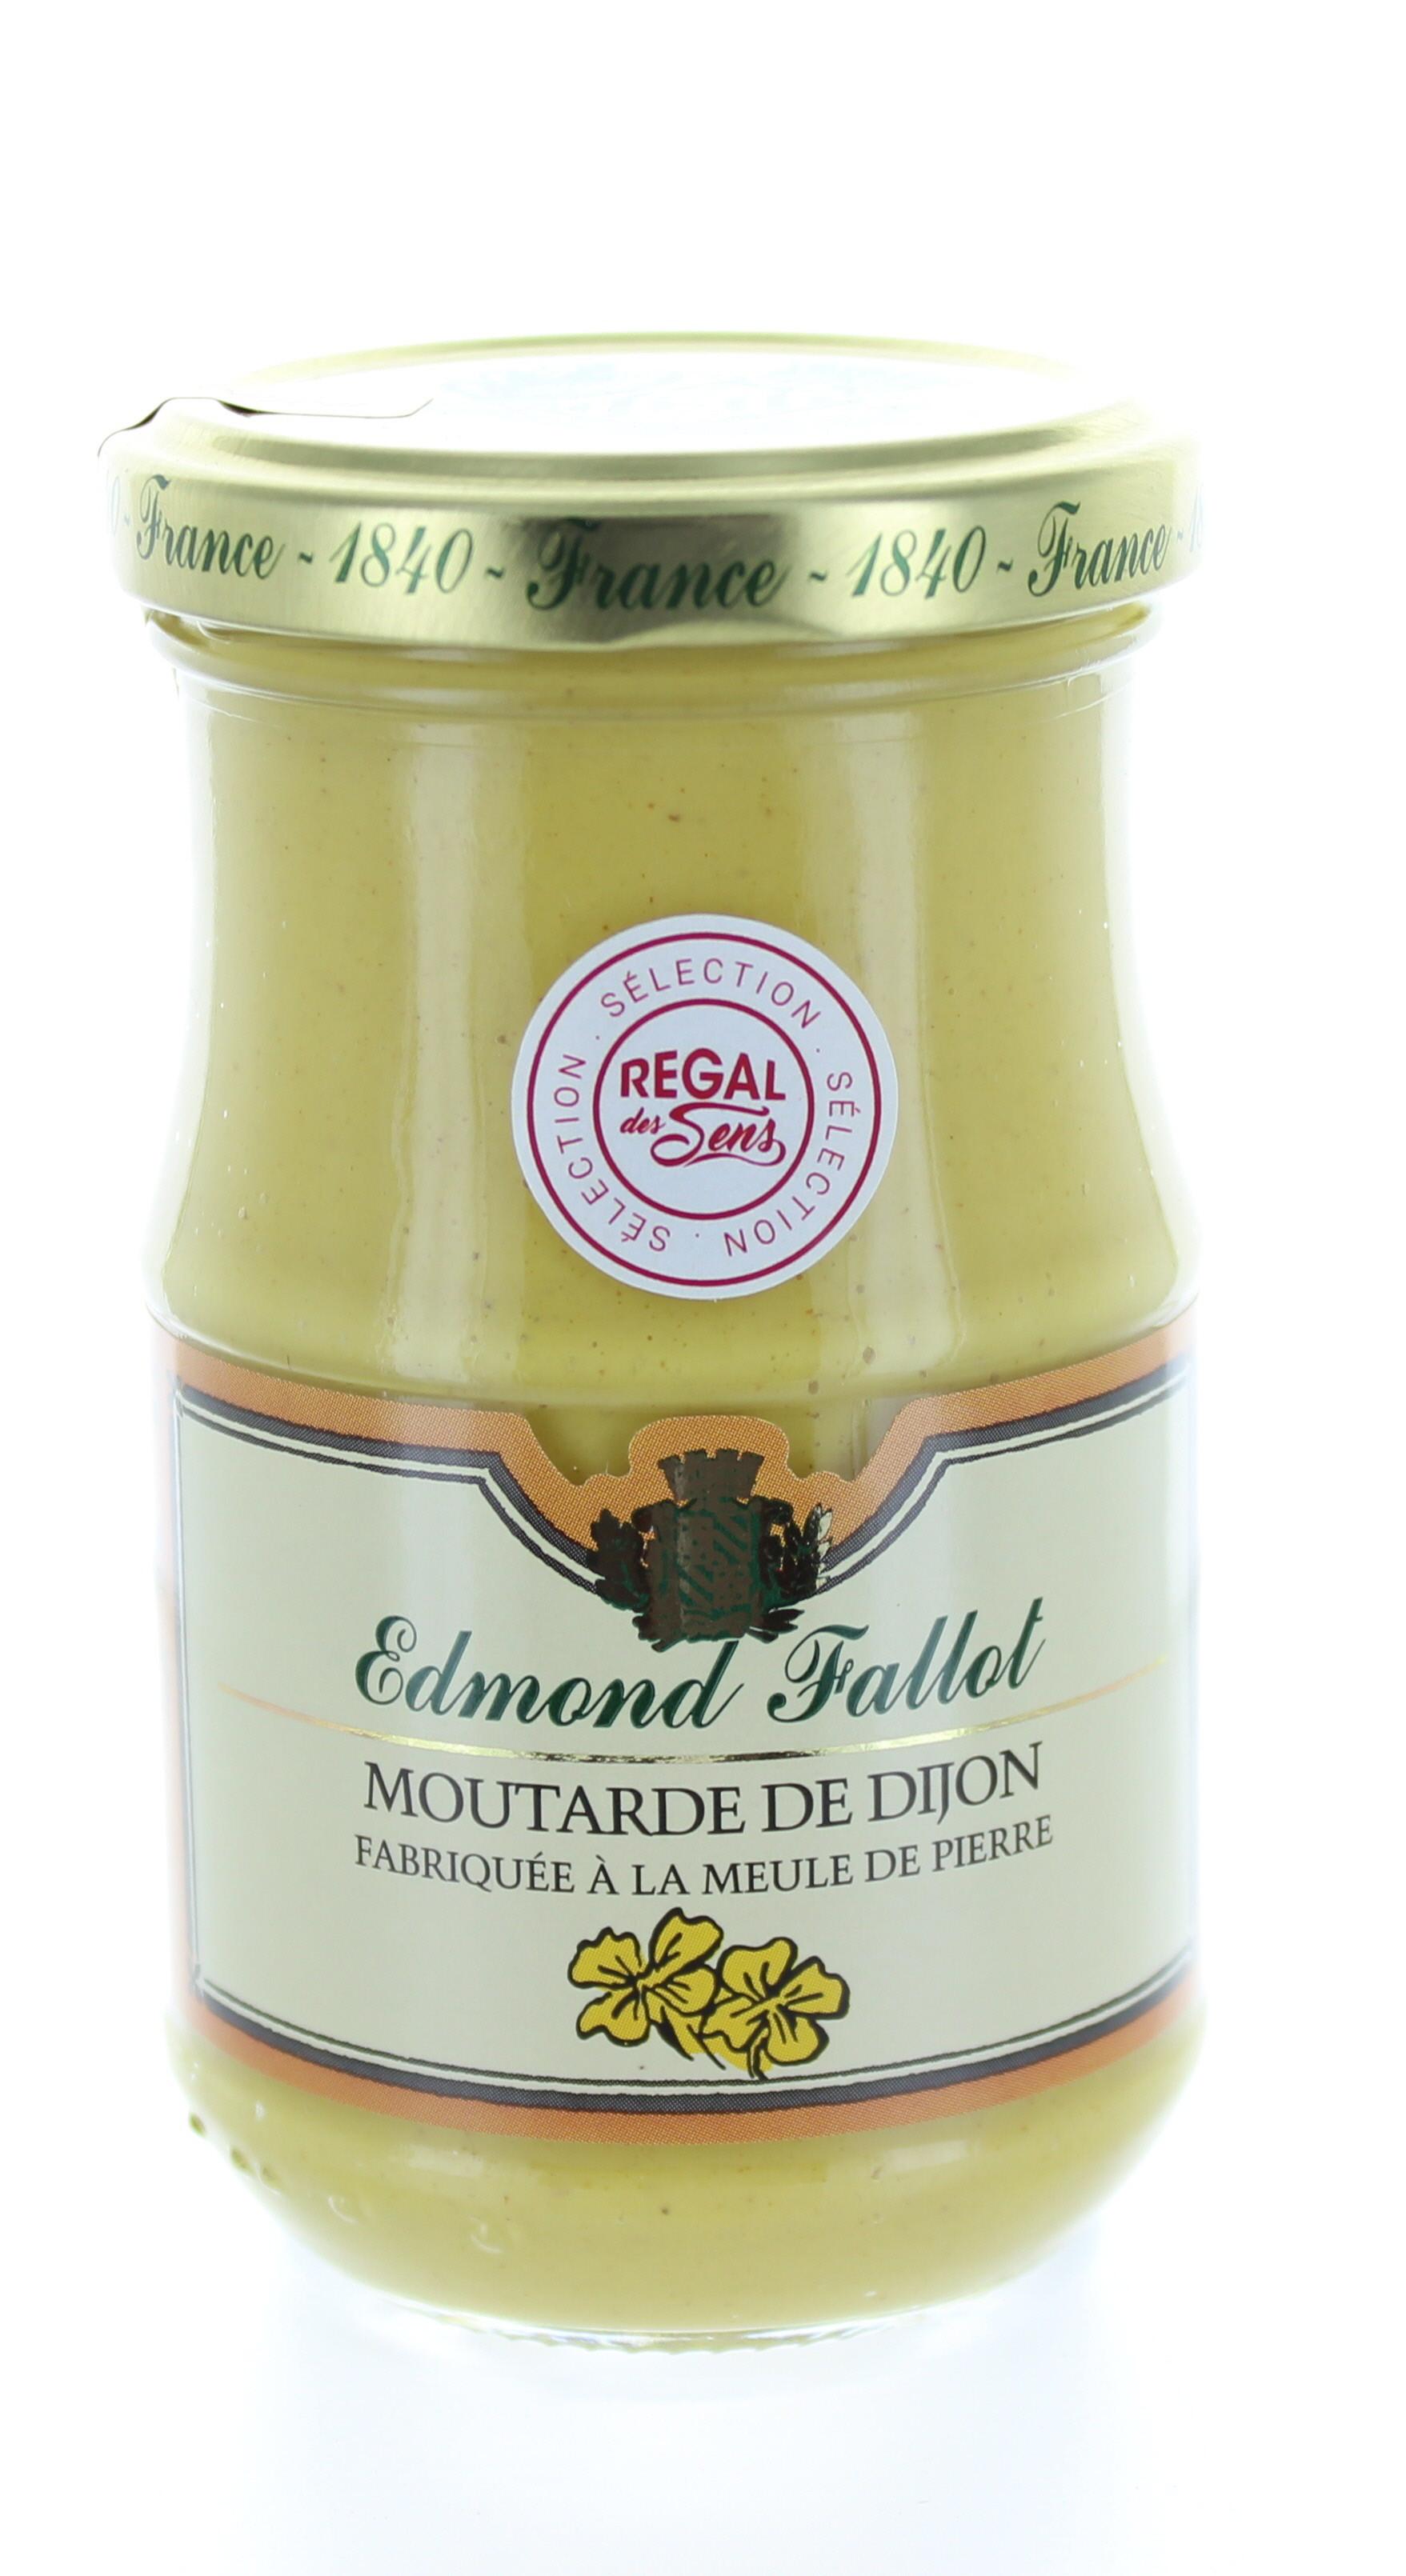 Moutarde de Dijon - Regal des Sens